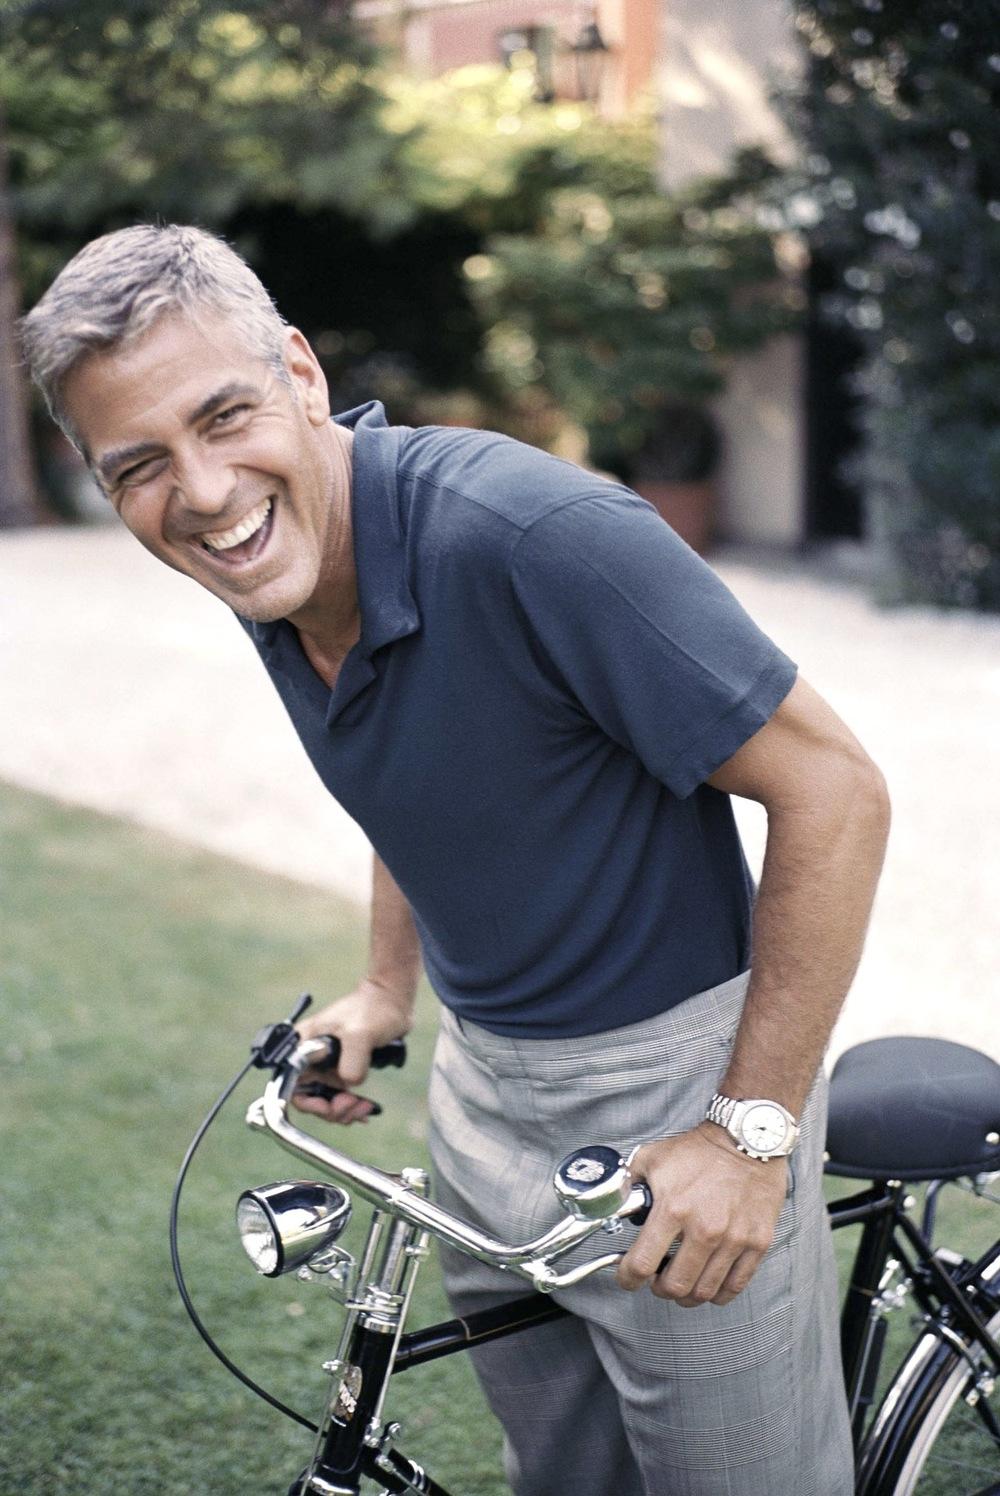 Sim, senhoras e senhores,  George Timothy Clooney completa 53 anos hoje. Um ícone incontestável da moda masculina. A moda masculina clássica, tradicional e que nunca sai de moda. Ao longo da sua movimentada carreira, Clooney atuou, dirigiu, produziu e escreveu diversos filmes e até seriados. Ao mesmo tempo que luta por causas humanitárias de grande importância. Tudo sem perder o charme e a elegância dignos de um verdadeiro astro do cinema. Ele é o Cary Grant dos nossos tempos, um mestre da arte de se vestir com simplicidade e bom gosto, que pode sair na rua de camiseta básica e calça jeans que estará bem vestido. Parabéns, George.